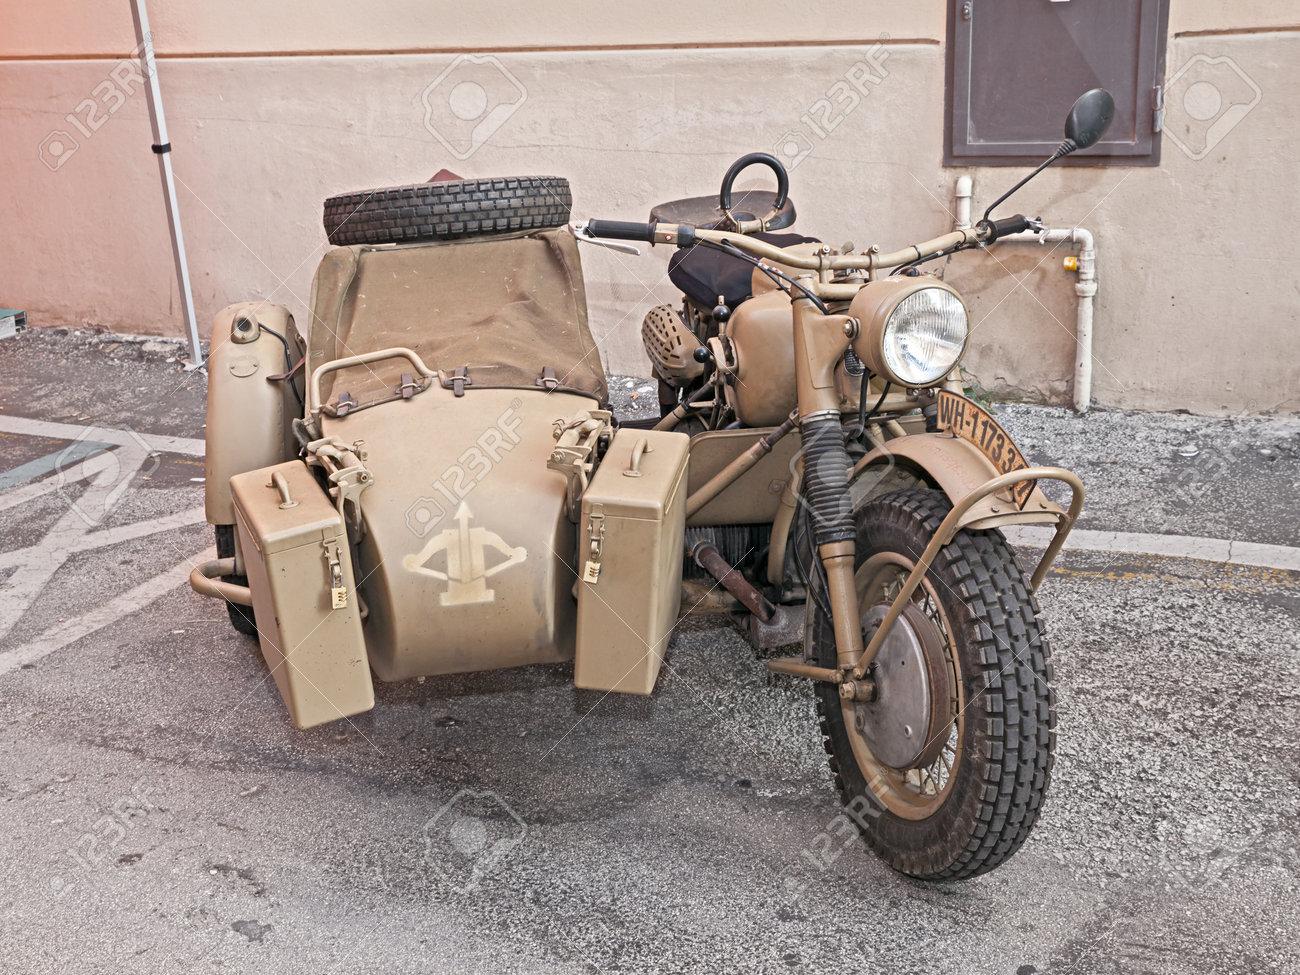 vecchia bmw r75 750 cc, la seconda guerra mondiale era moto con